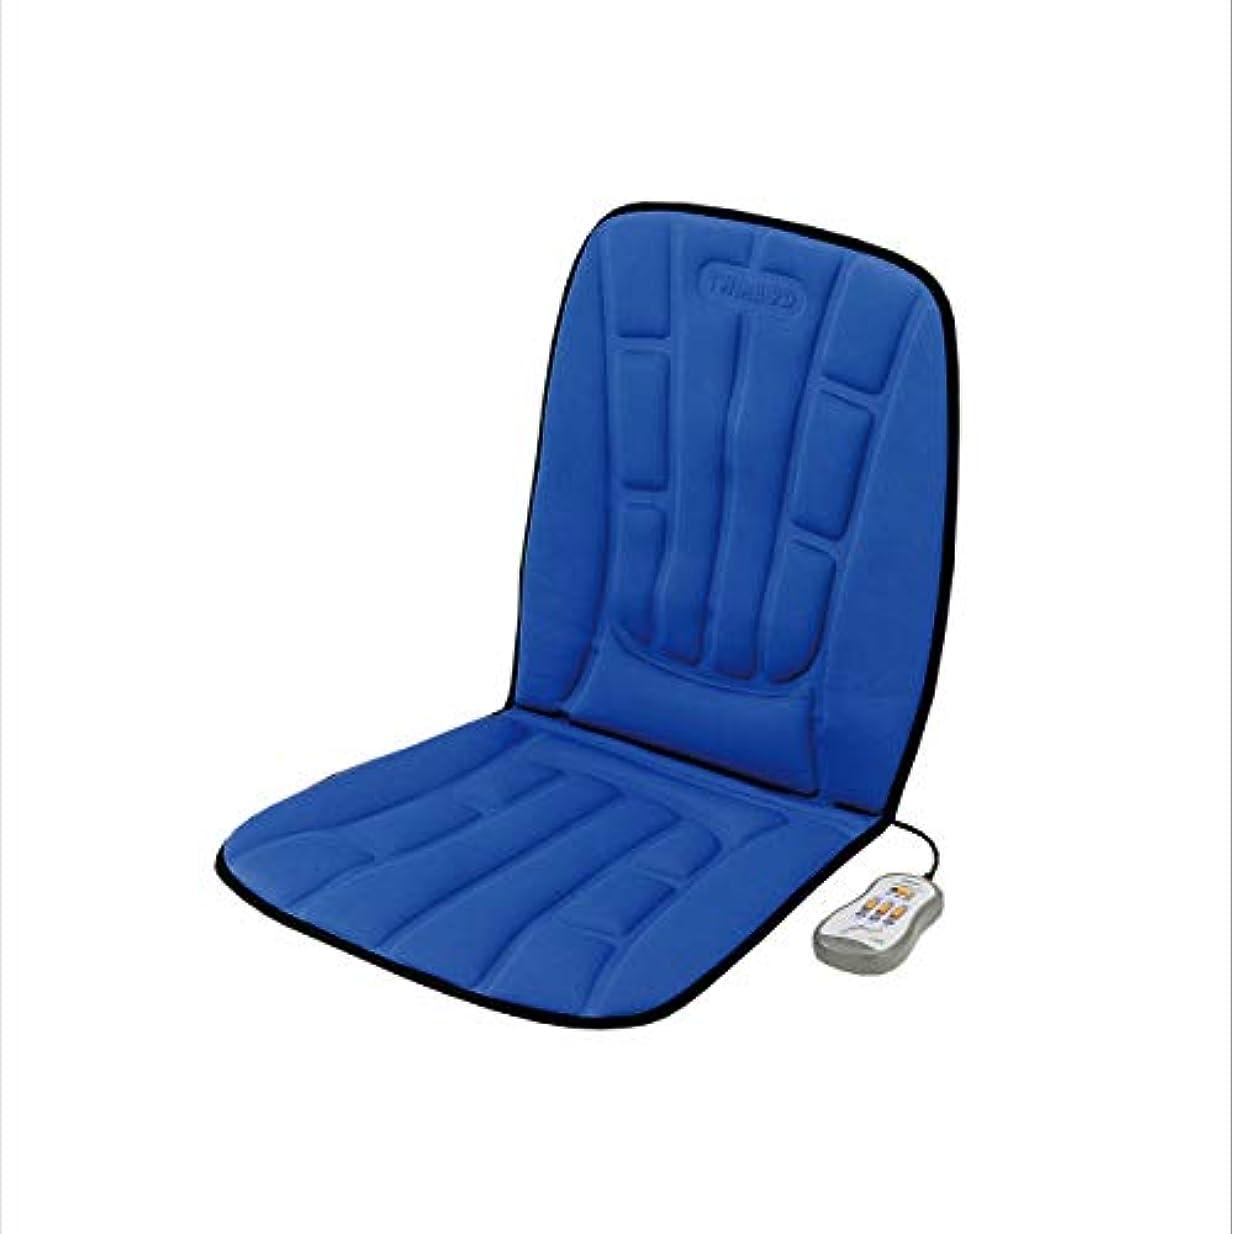 梨創造旅ツインバード シートマッサージャー ブルー EM-2537BL